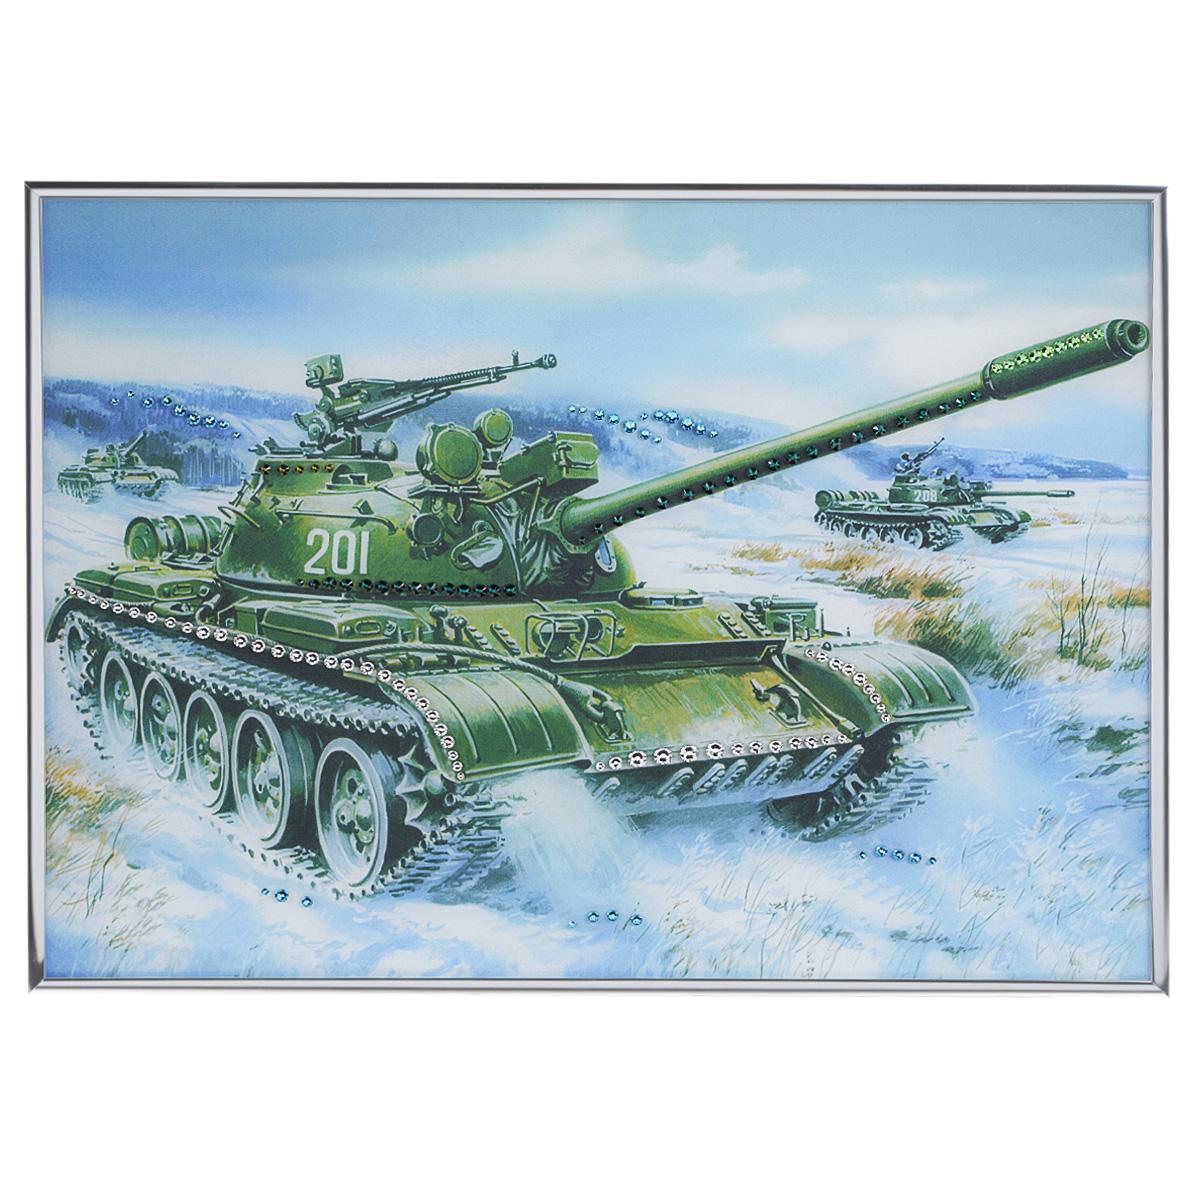 Картина с кристаллами Swarovski Танк, 40 х 30 смU210DFИзящная картина в металлической раме, инкрустирована кристаллами Swarovski, которые отличаются четкой и ровной огранкой, ярким блеском и чистотой цвета. Красочное изображение танка, расположенное под стеклом, прекрасно дополняет блеск кристаллов. С обратной стороны имеется металлическая петелька для размещения картины на стене.Картина с кристаллами Swarovski Танк элегантно украсит интерьер дома или офиса, а также станет прекрасным подарком, который обязательно понравится получателю. Блеск кристаллов в интерьере, что может быть сказочнее и удивительнее. Картина упакована в подарочную картонную коробку синего цвета и комплектуется сертификатом соответствия Swarovski.